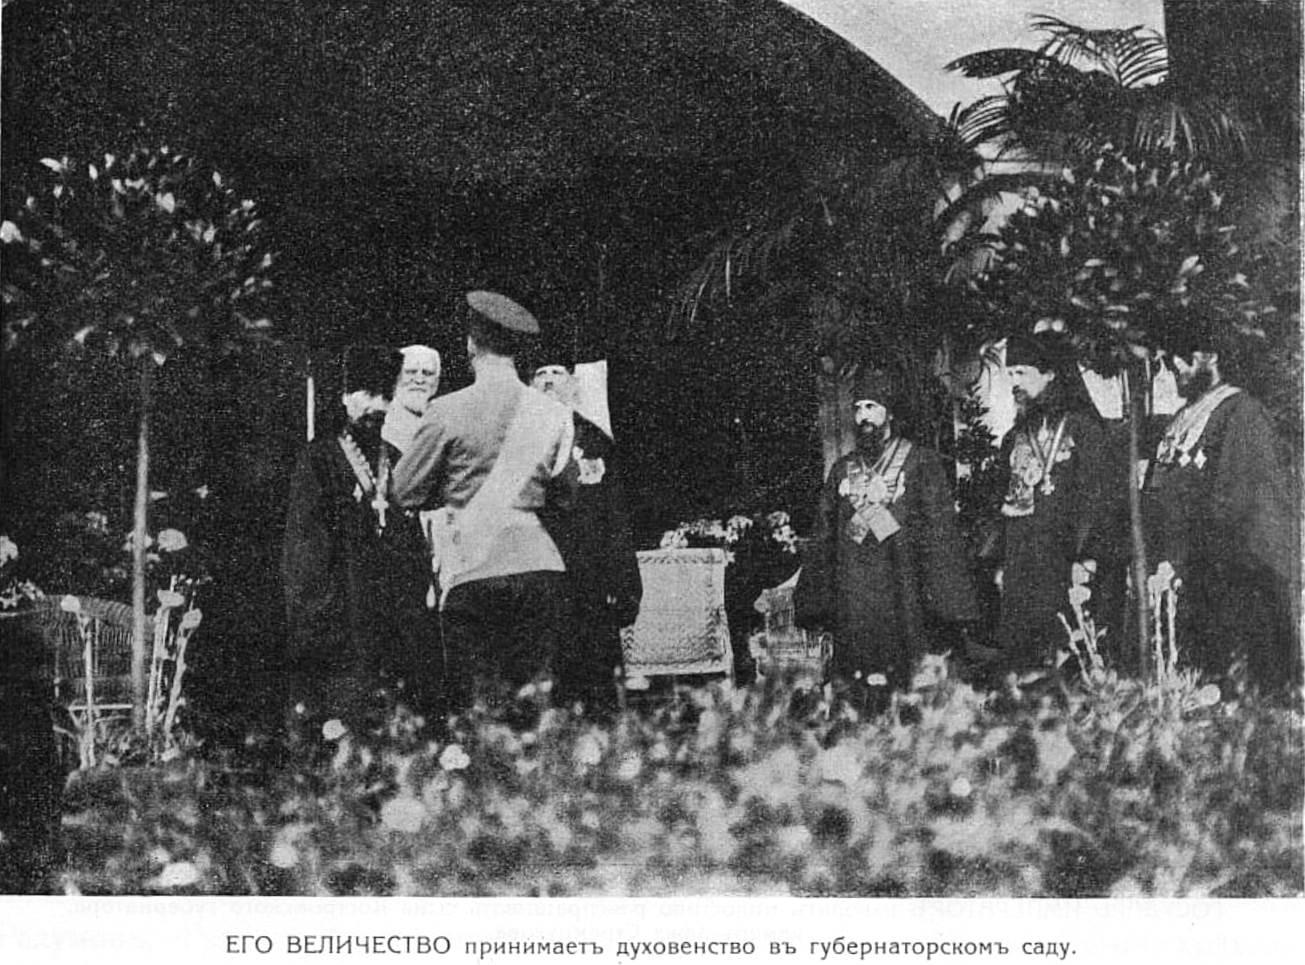 Прием духовенства в губернаторском саду